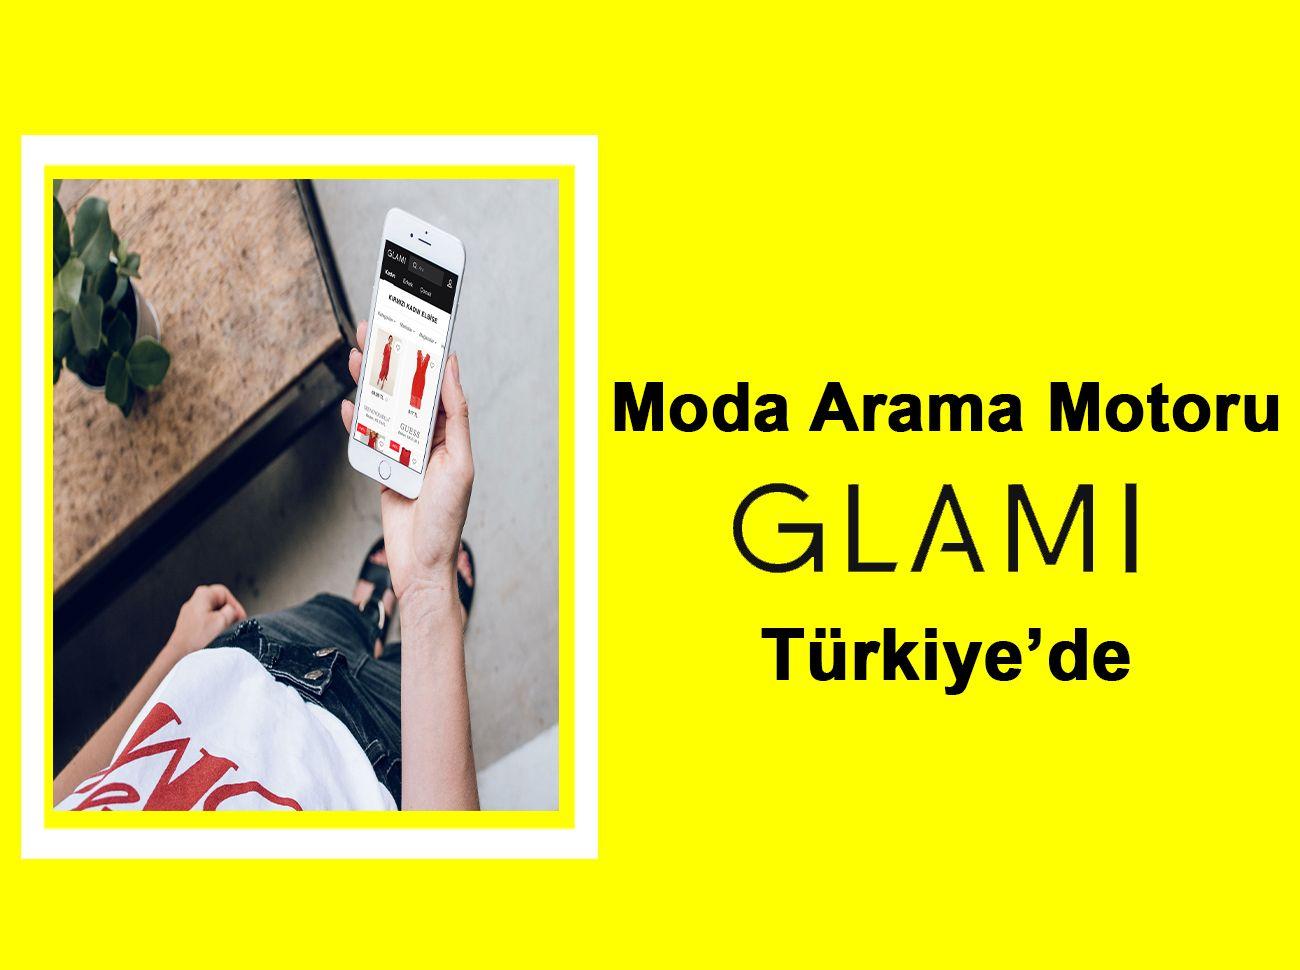 Popüler Moda Arama Motoru Glami Türkiye'de